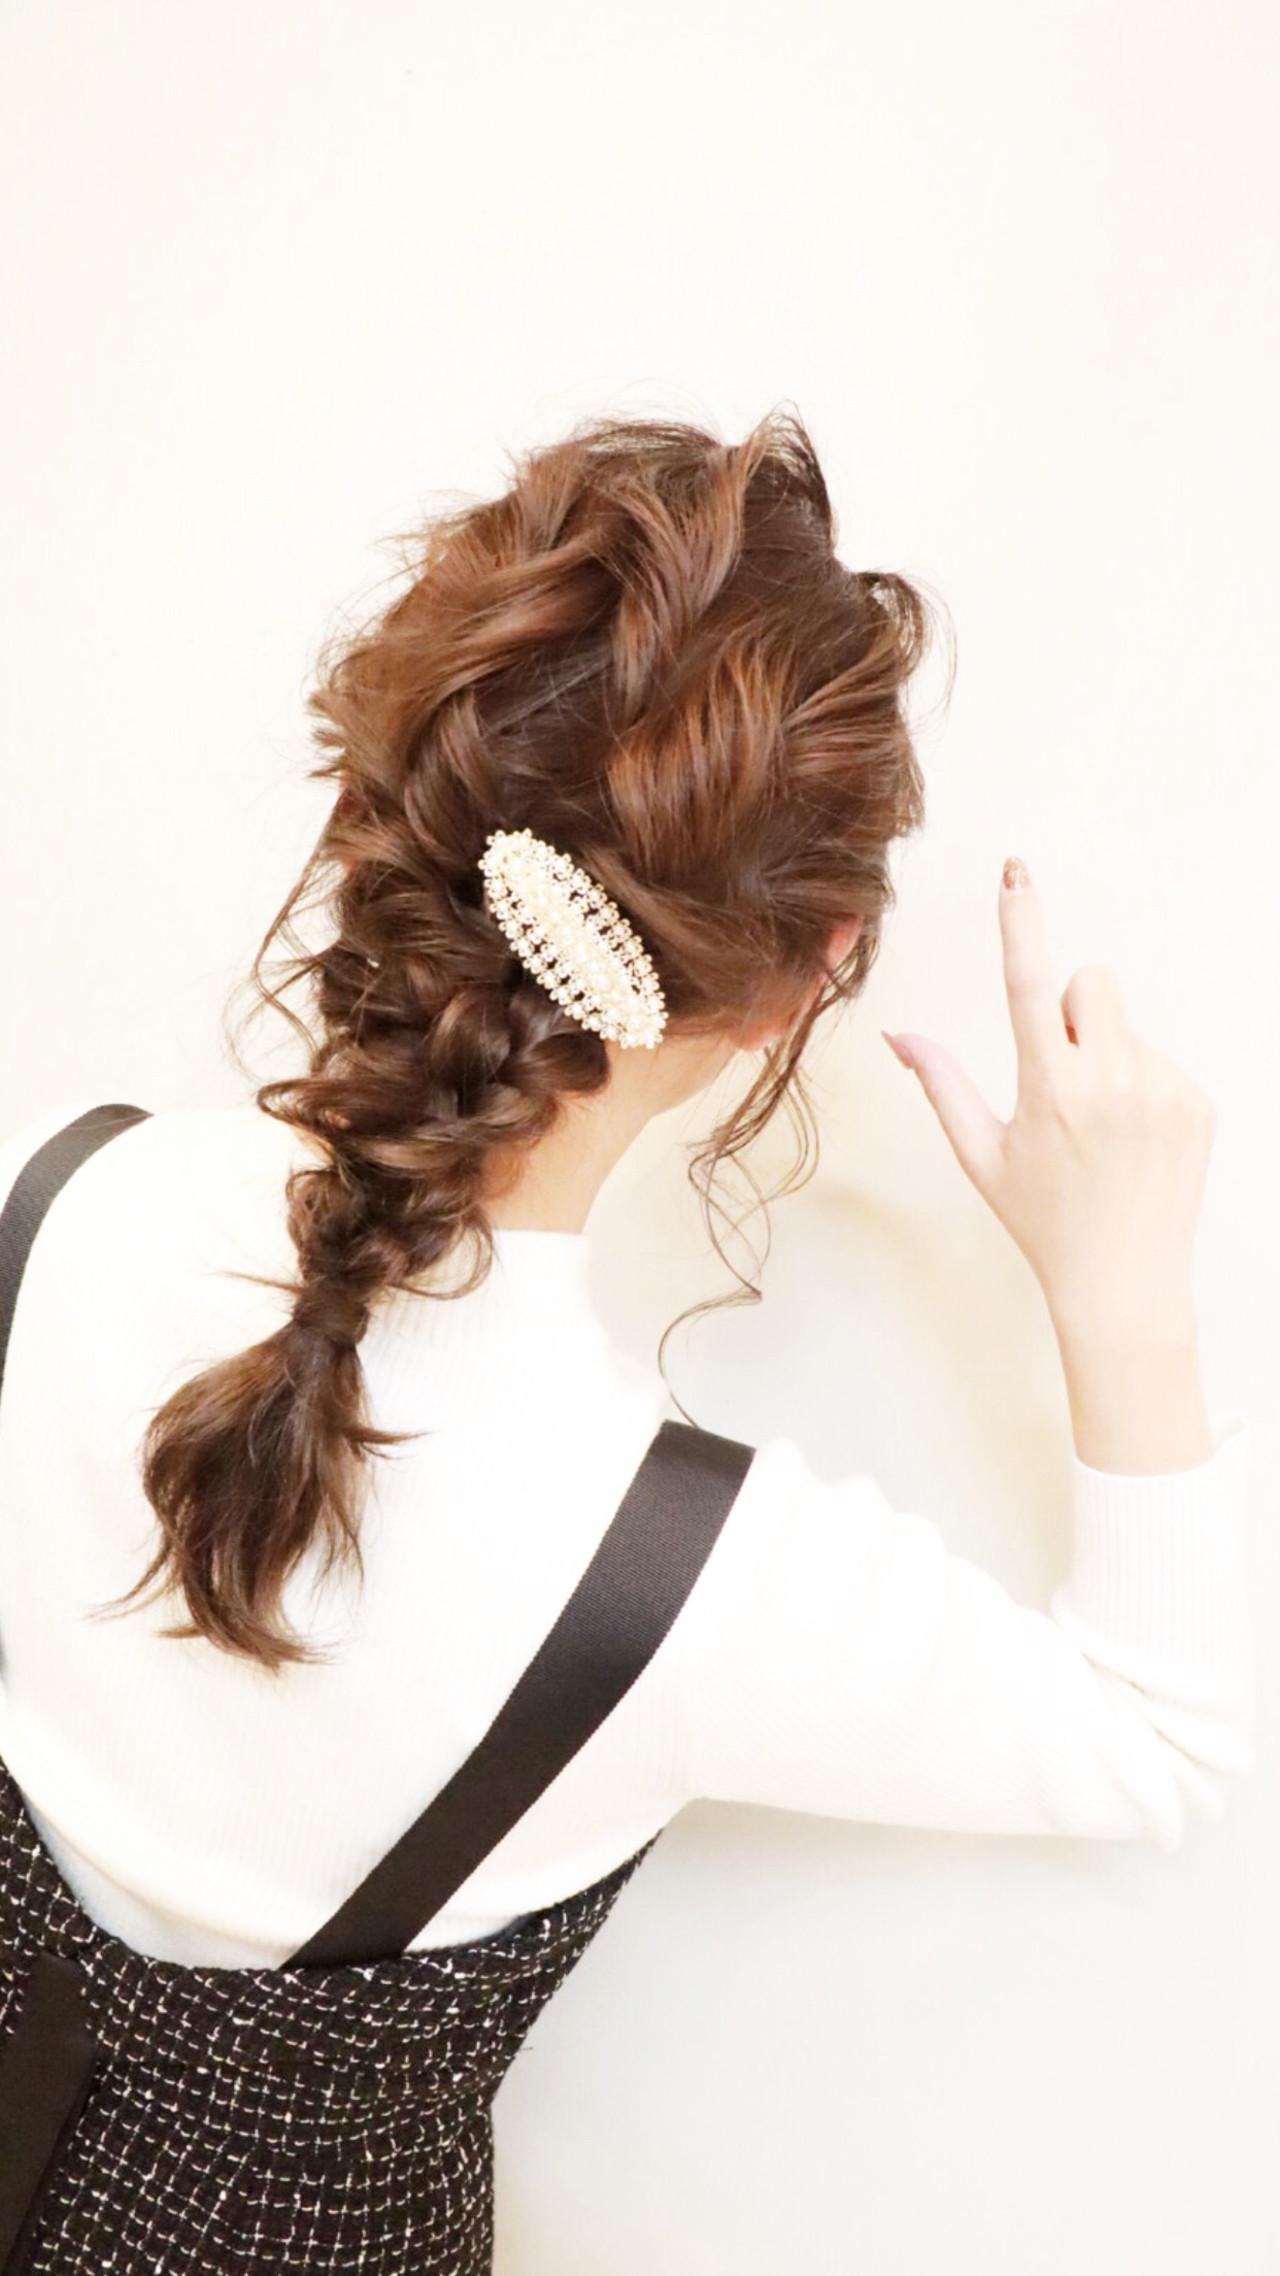 ヘアアレンジ ナチュラル ミディアム セルフヘアアレンジ ヘアスタイルや髪型の写真・画像